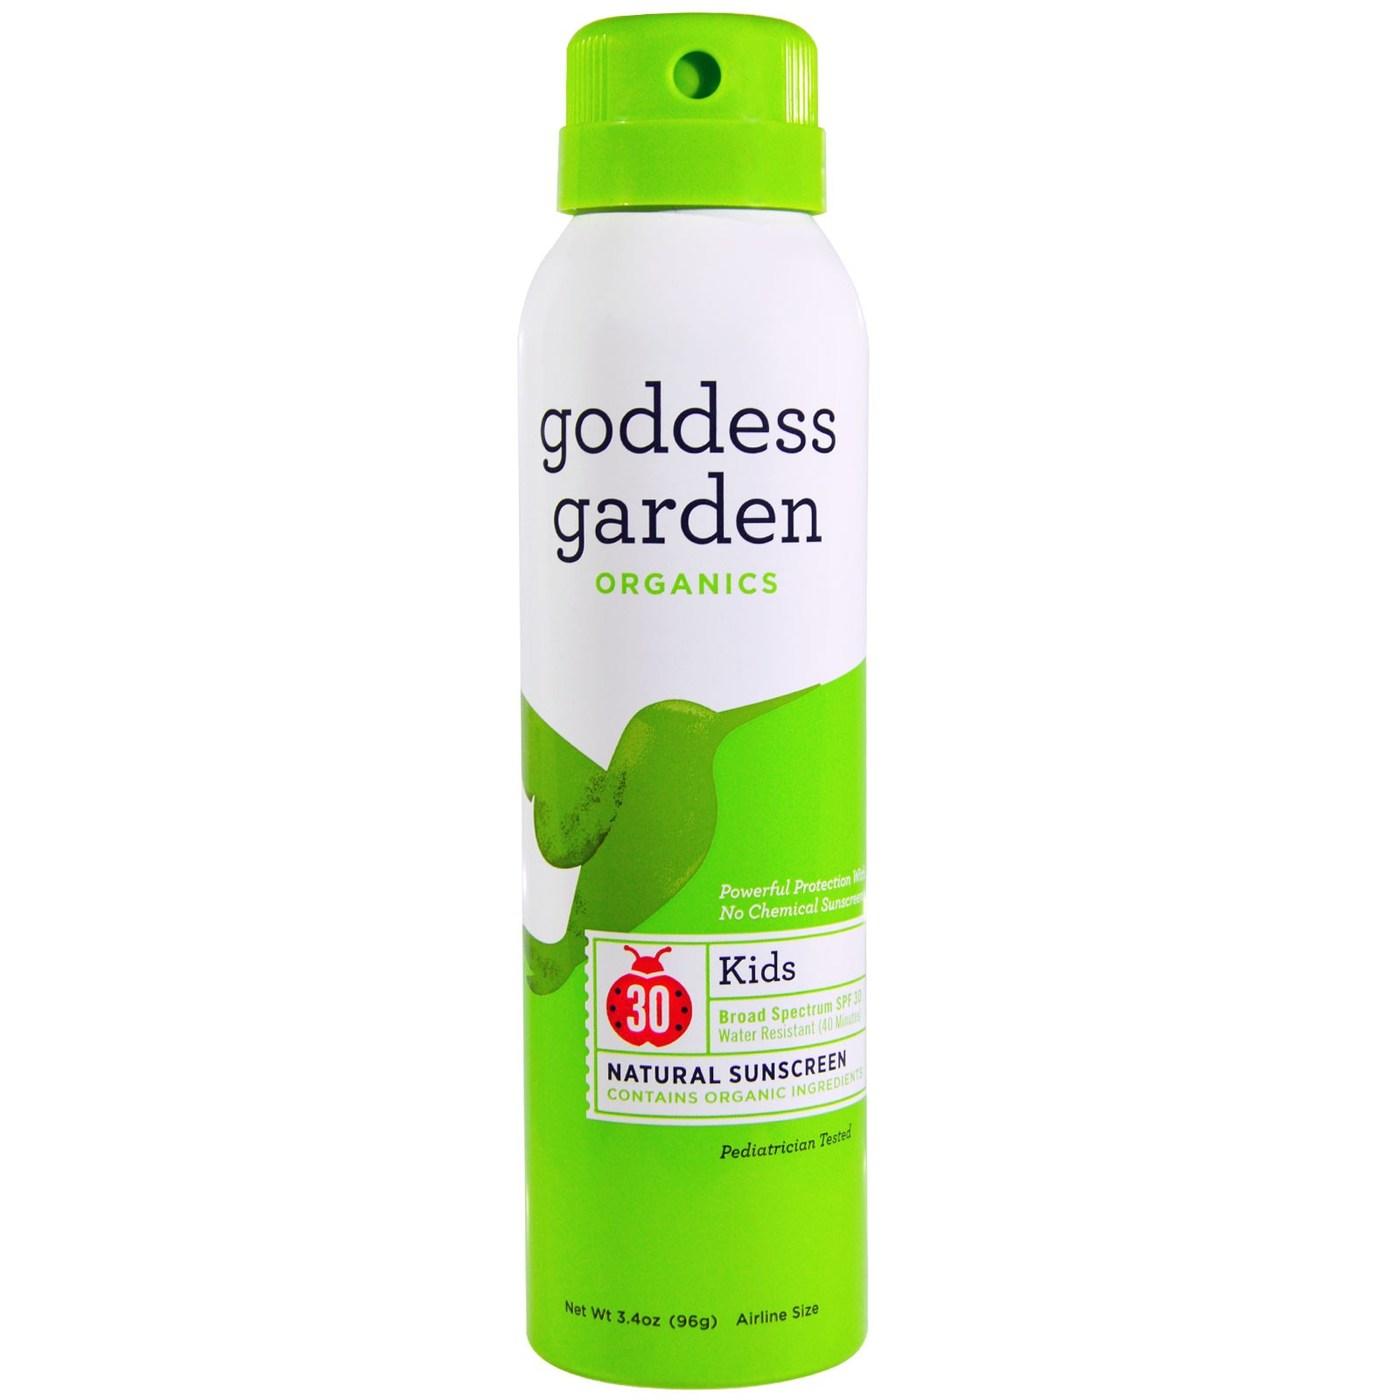 Goddess Garden Kid 39 S Continuous Spray Natural Sunscreen Spf 30 3 4 Oz